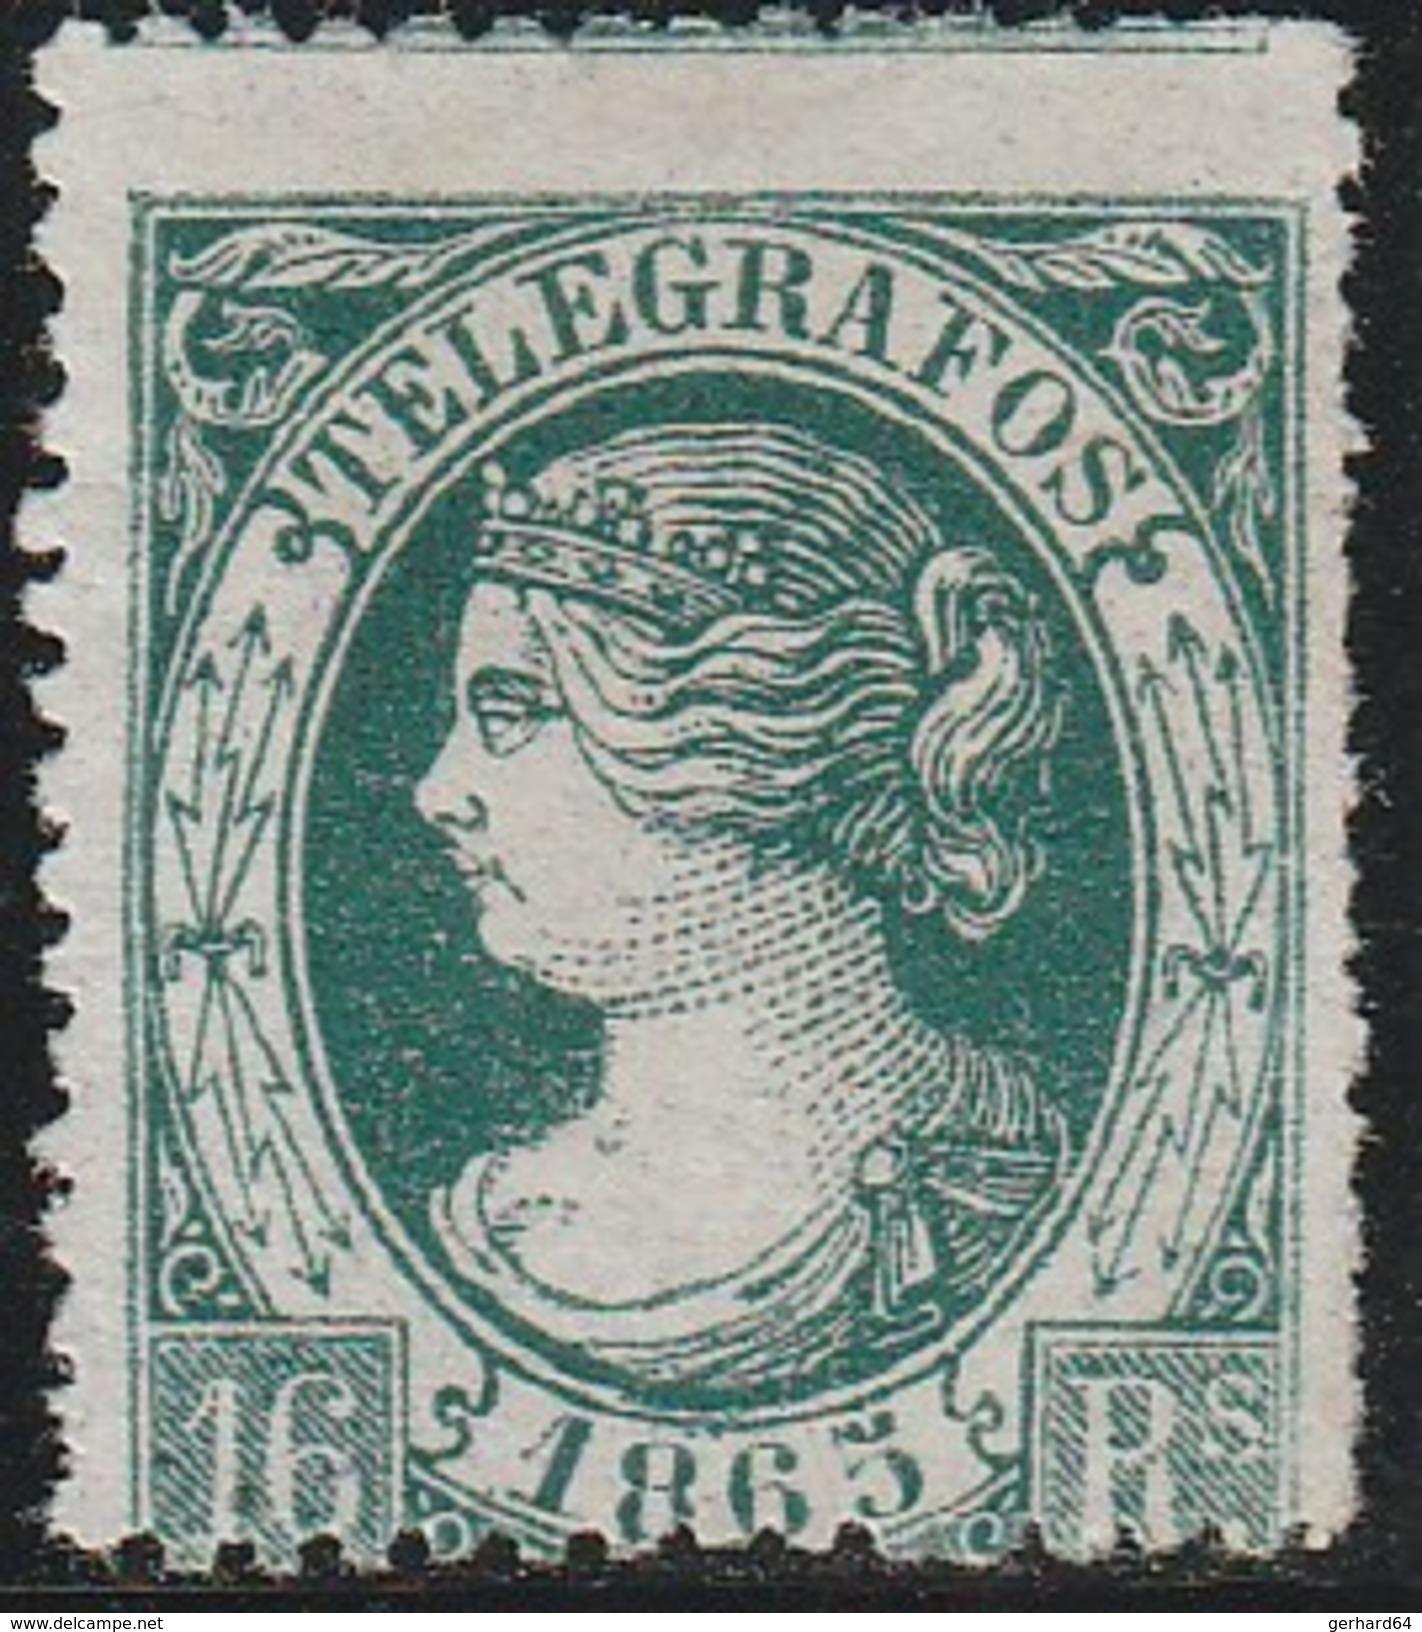 ESPAGNE 1865 - Télégraphe (Telegrafos) N° 11 - Neuf Sans Gomme - Telegrafi